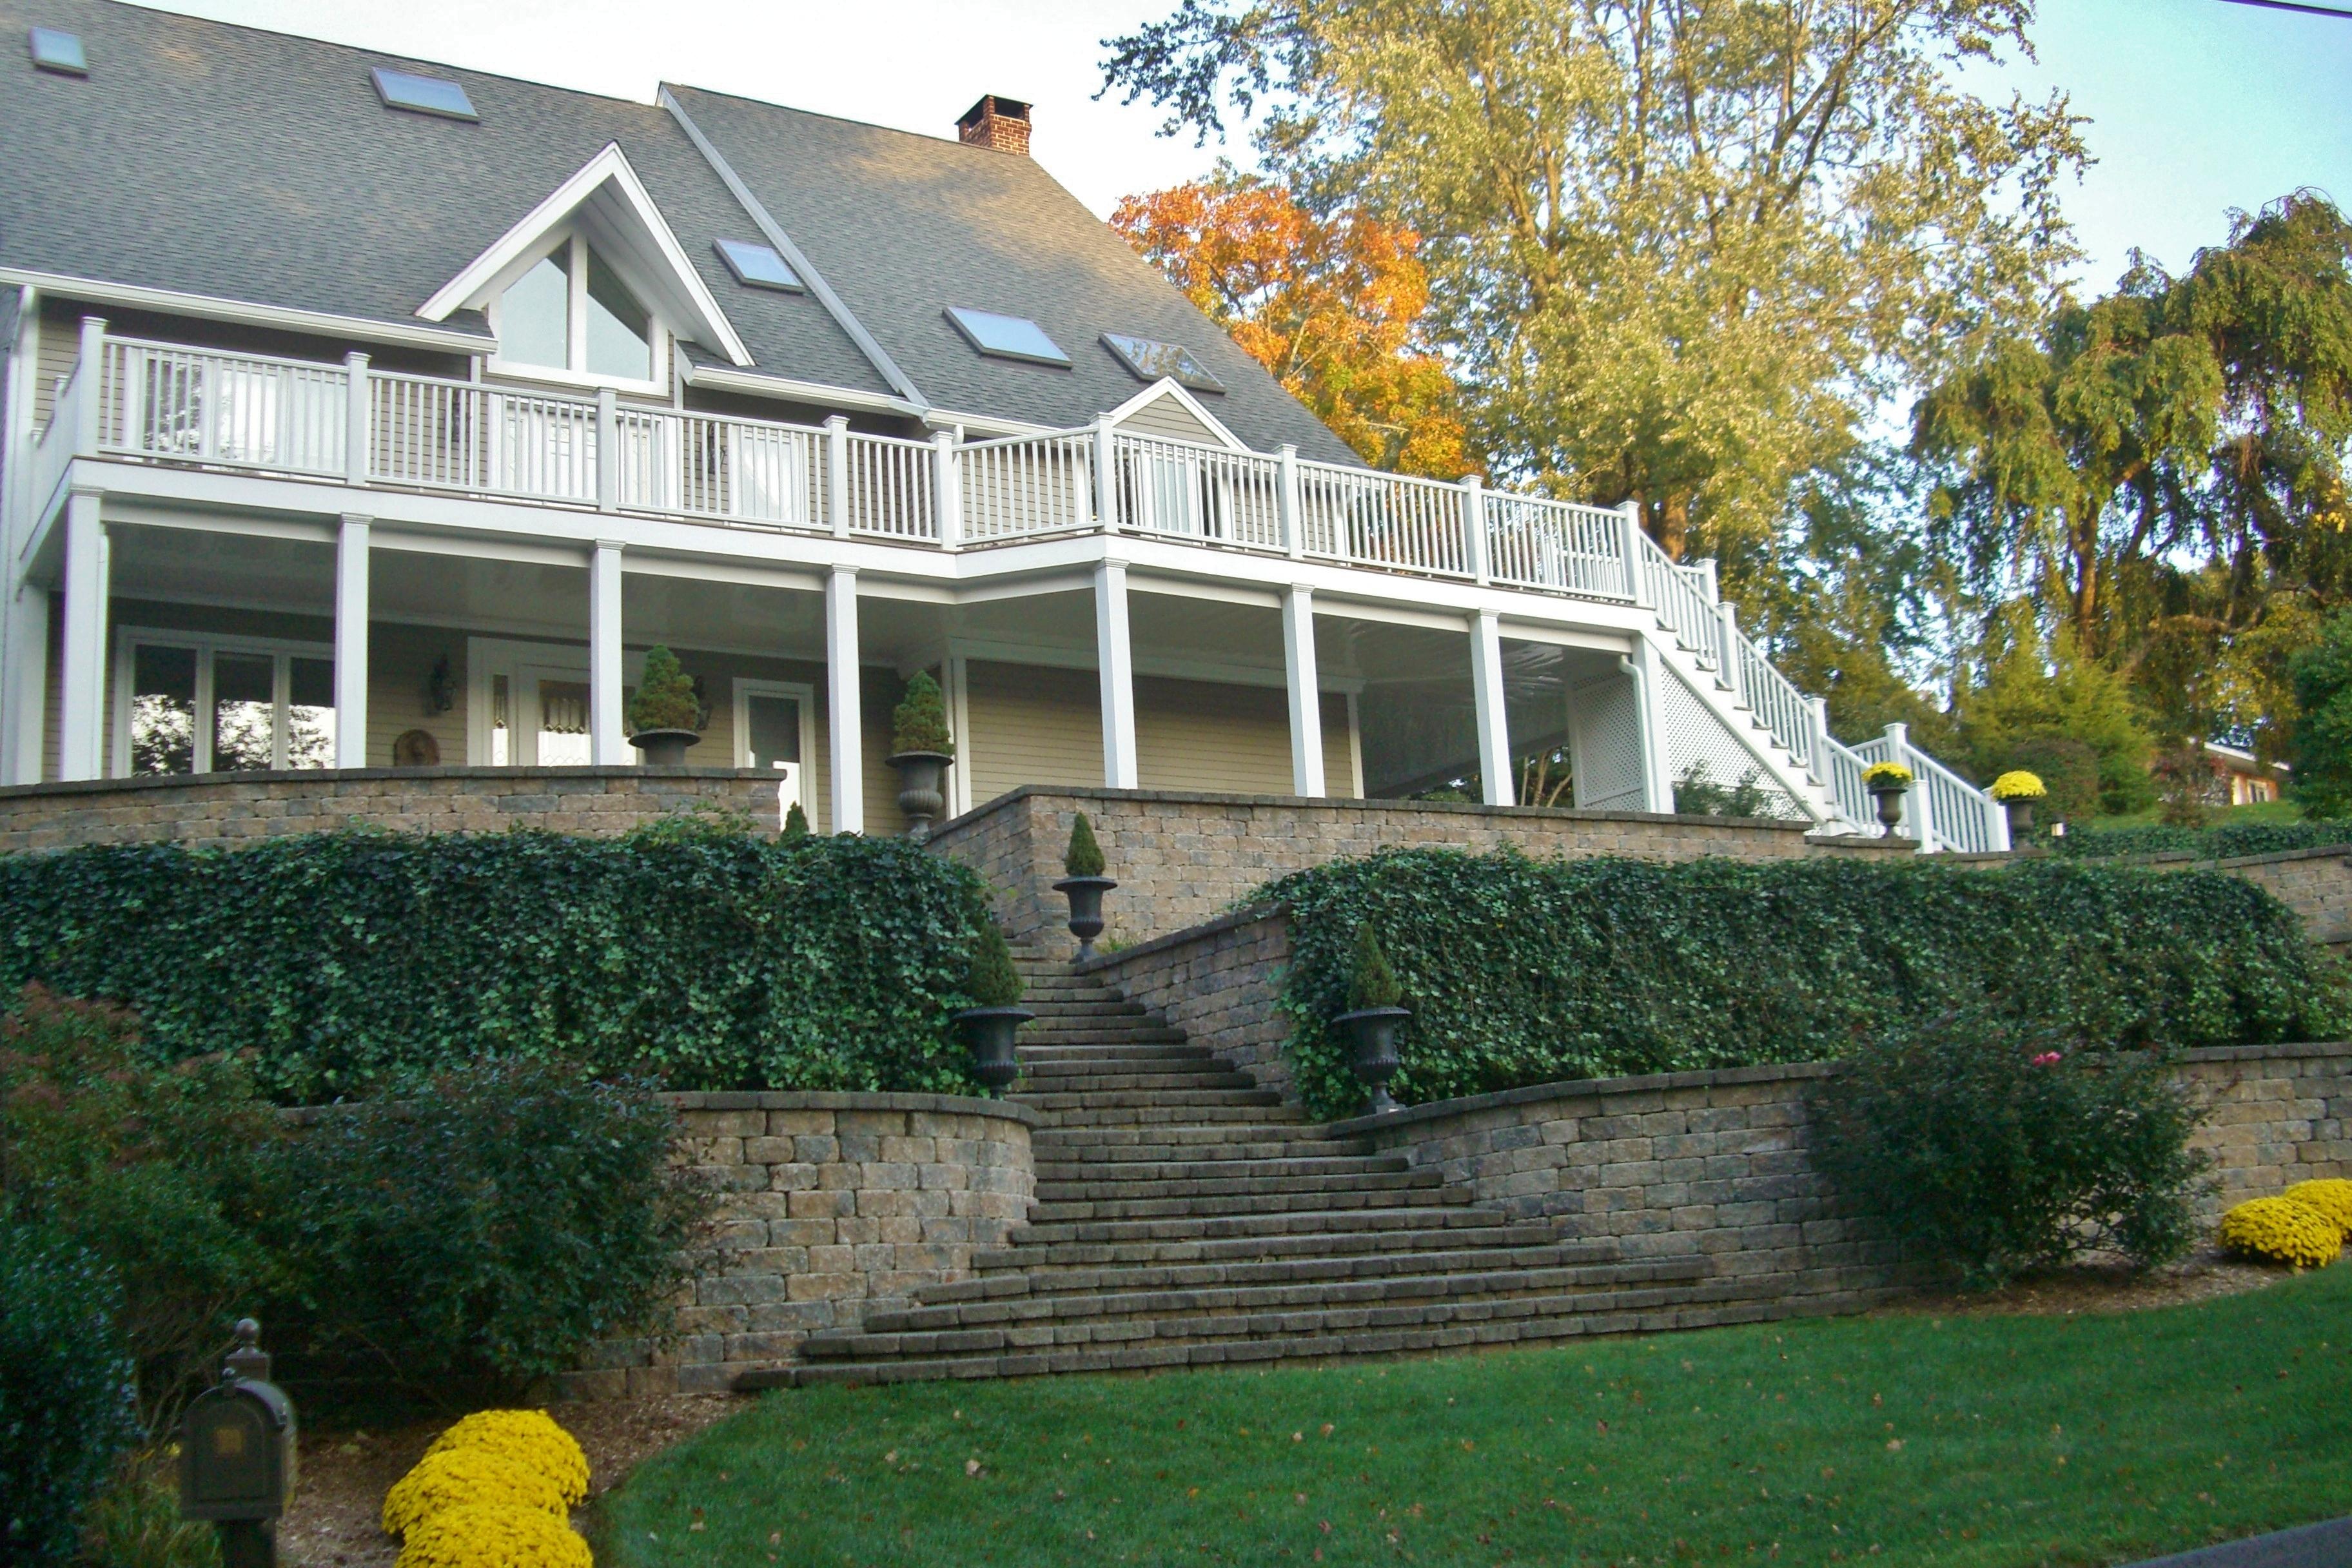 Moradia para Venda às Modern Home with Breathtaking Views 25 Gilbert Hill Rd Chester, Connecticut 06412 Estados Unidos